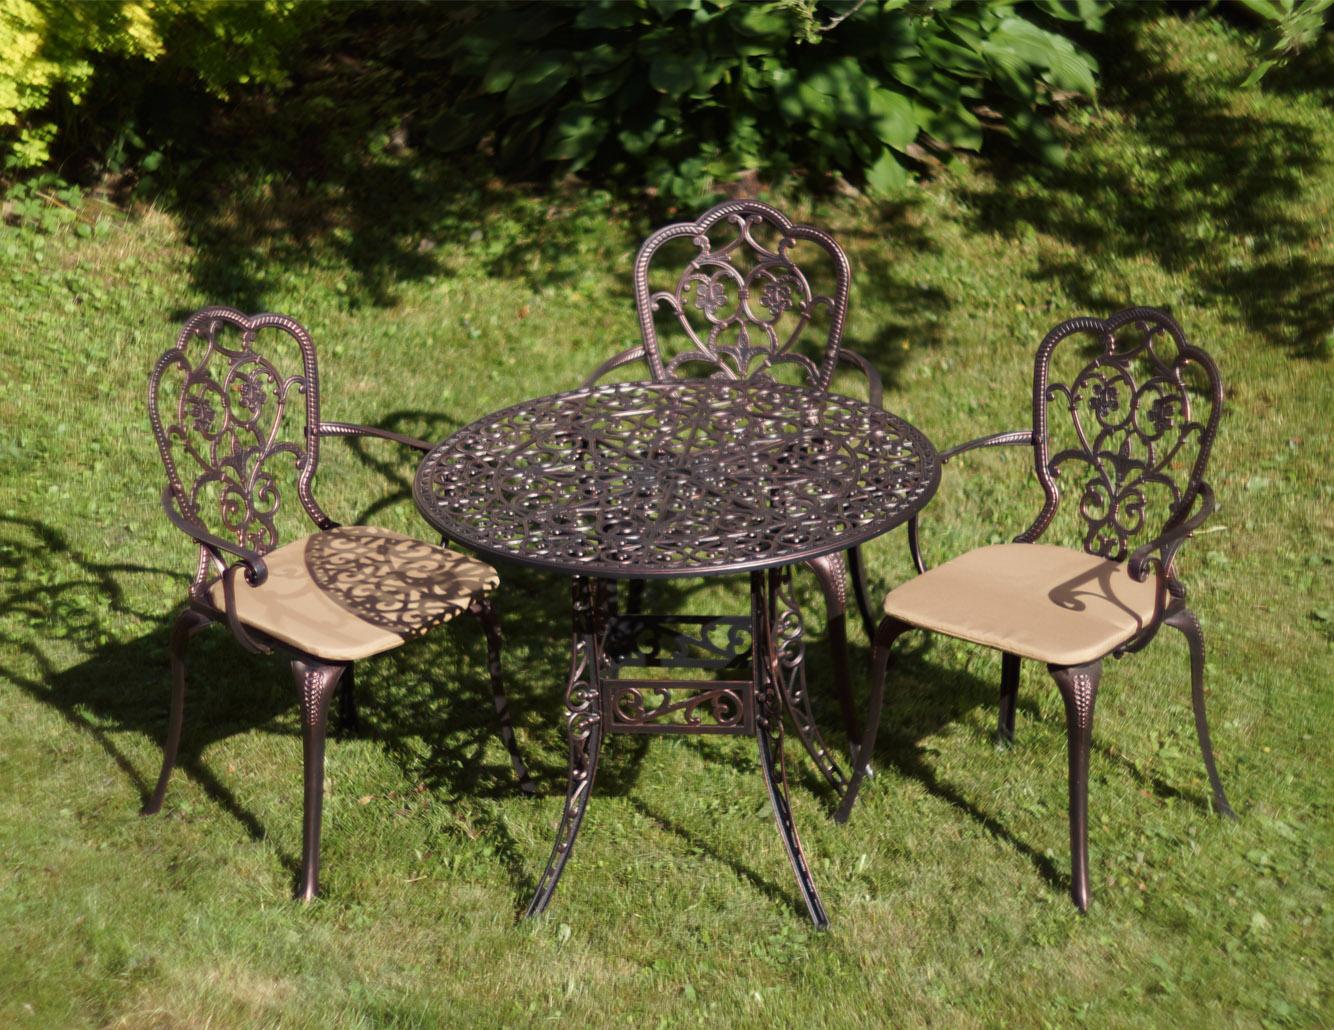 Садовая мебель из металла, металлическая мебель на балкон и лоджию, стол и стул металлические уличные, мебель из литого алюминия, чугунная мебель